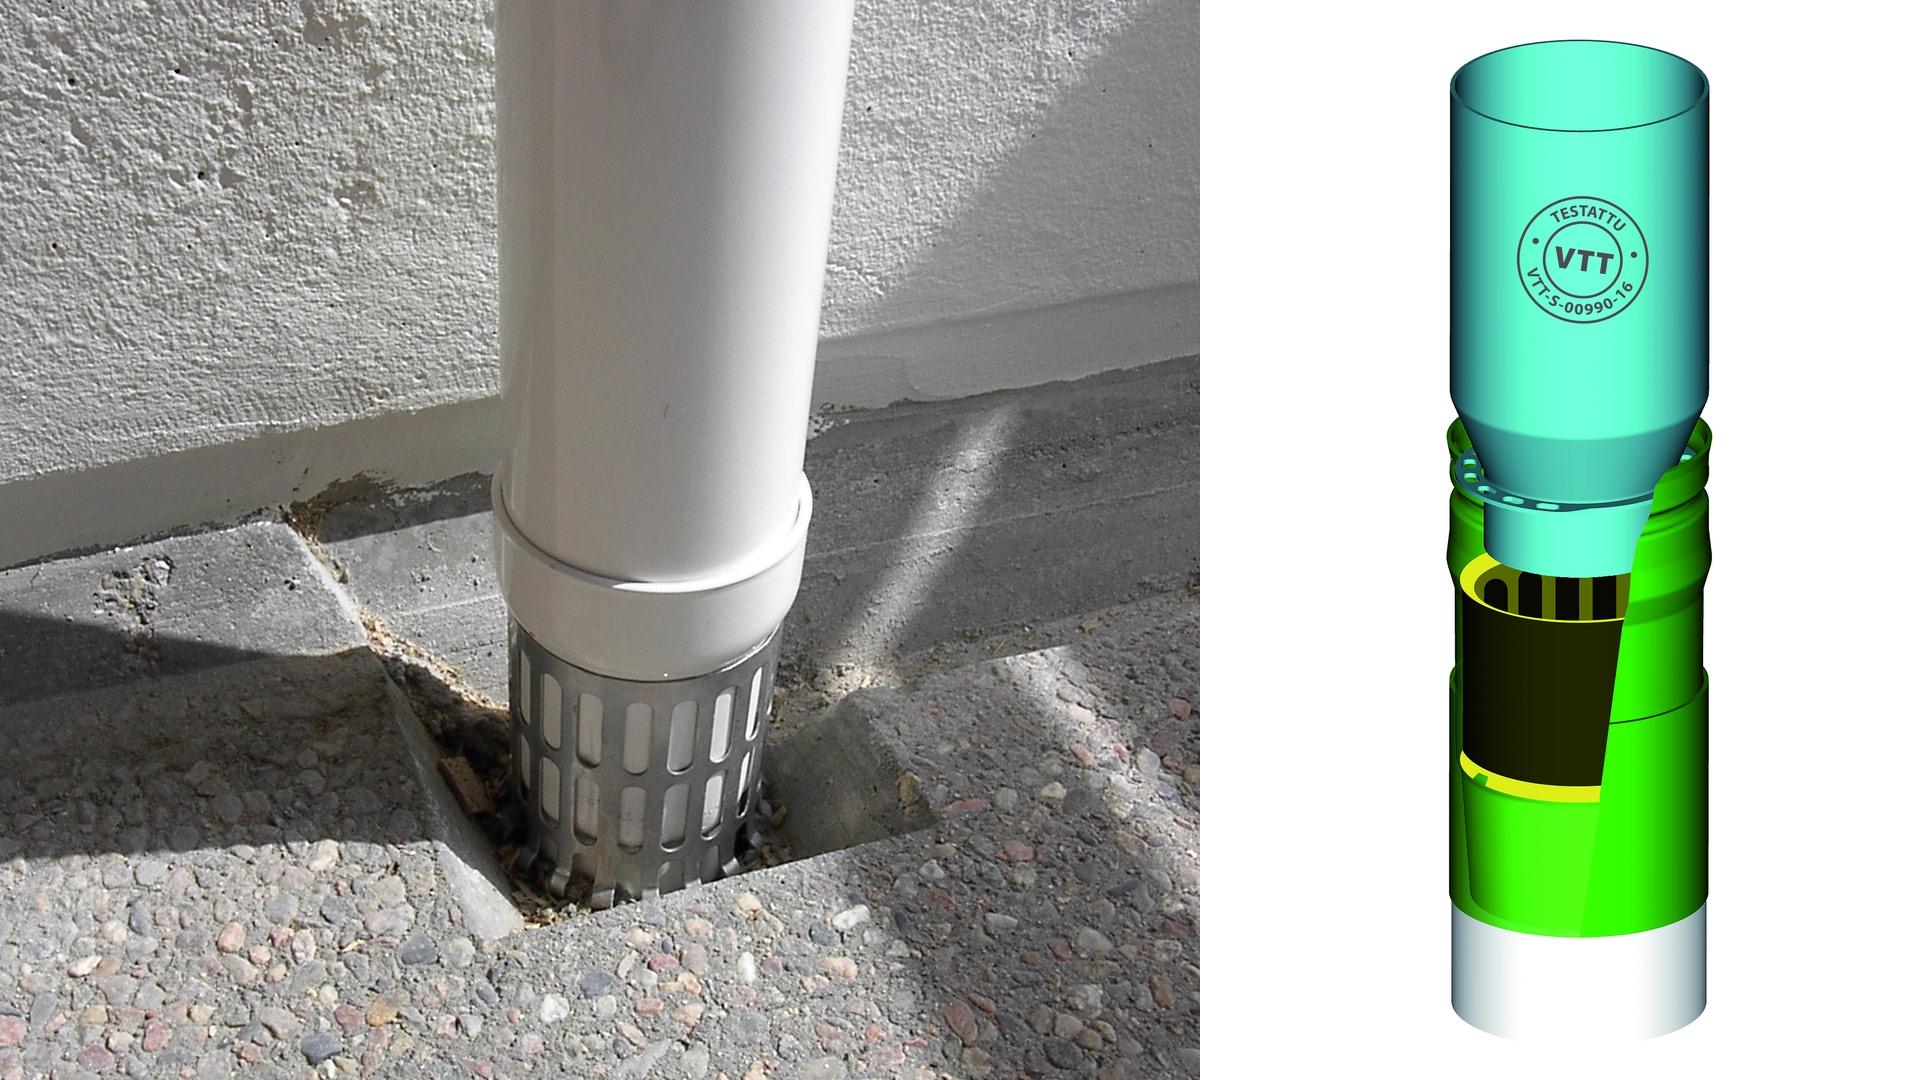 Parvekeputkea käytetään parvekkeen sisäpuolisen vedenpoiston rakentamiseen. Parvekeputkella kerätään parvekkeiden vedet samaan järjestelmään ja ohjataan vedet hallitusti alas. Putkena käytetään yleisimmin polttomaalattua alumiinia tai RST-putkea.